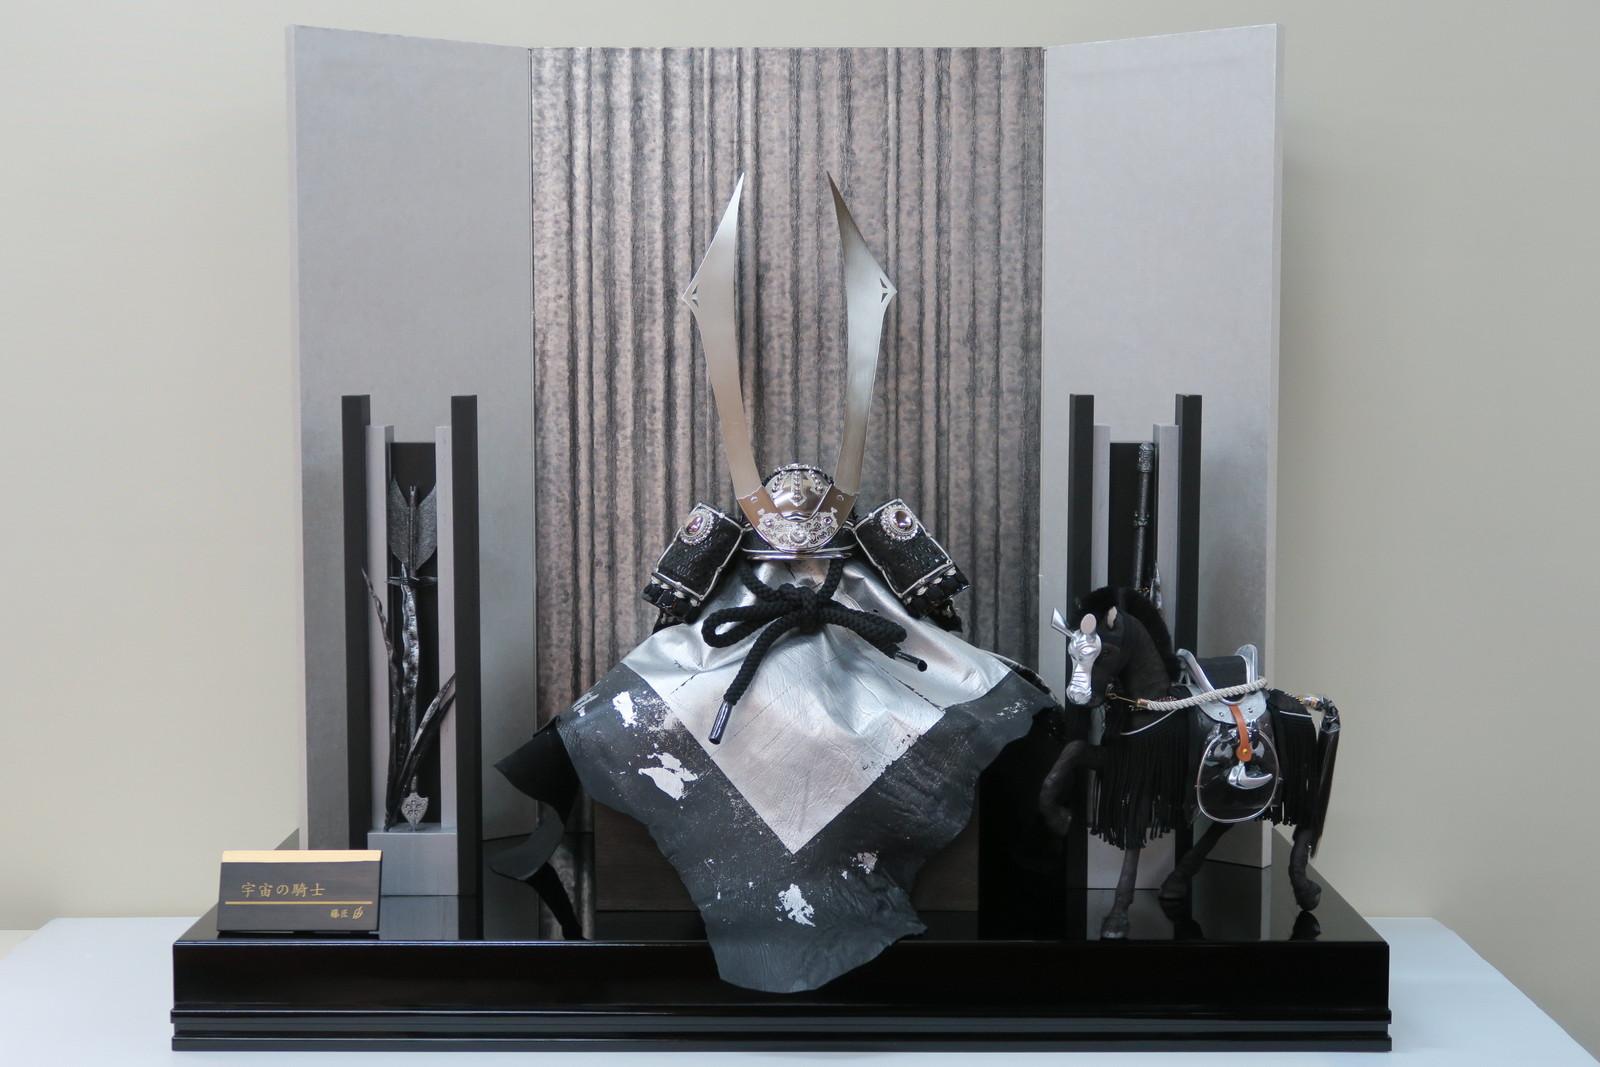 アート&デザイン後藤由香子作 宇宙の騎士